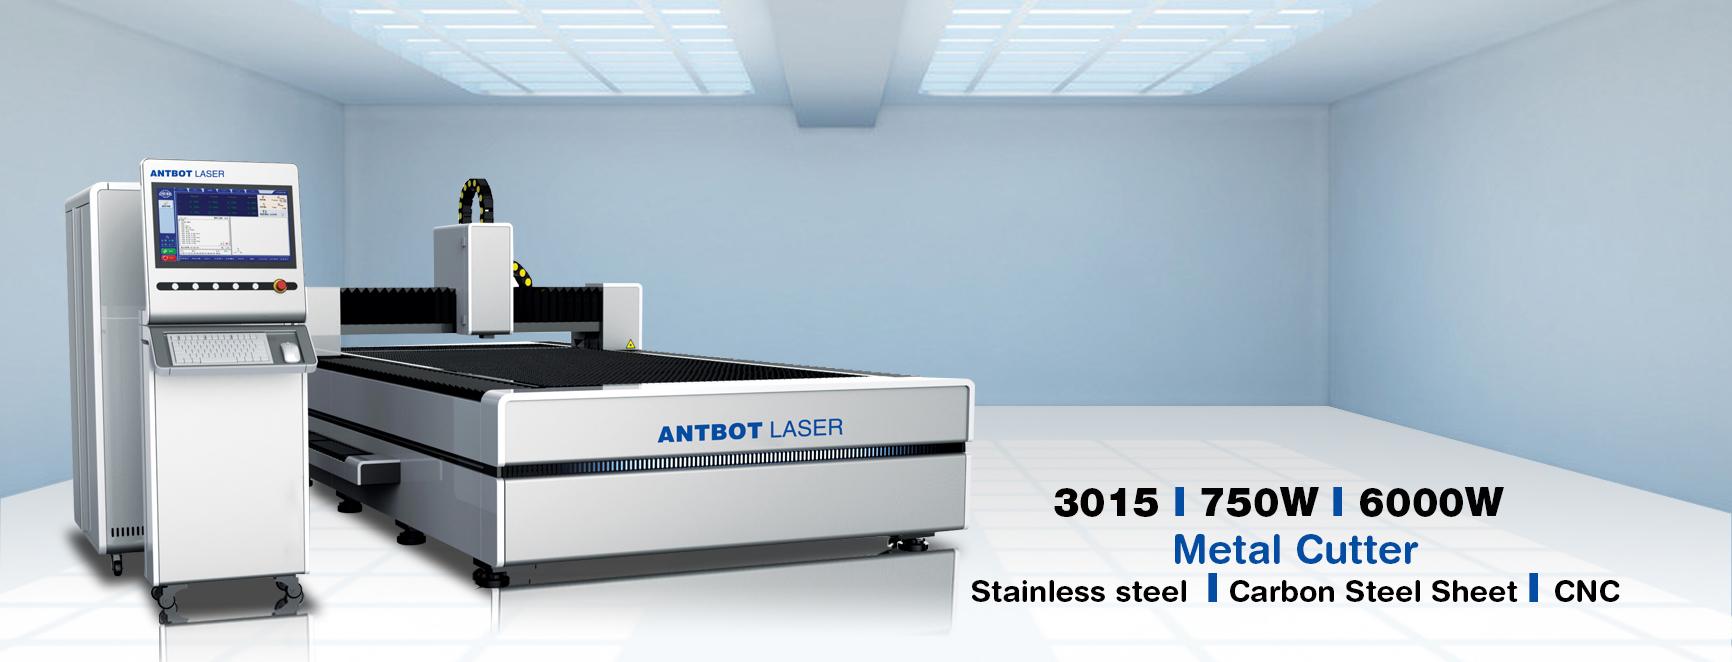 CNC Fiber Laser Cutting